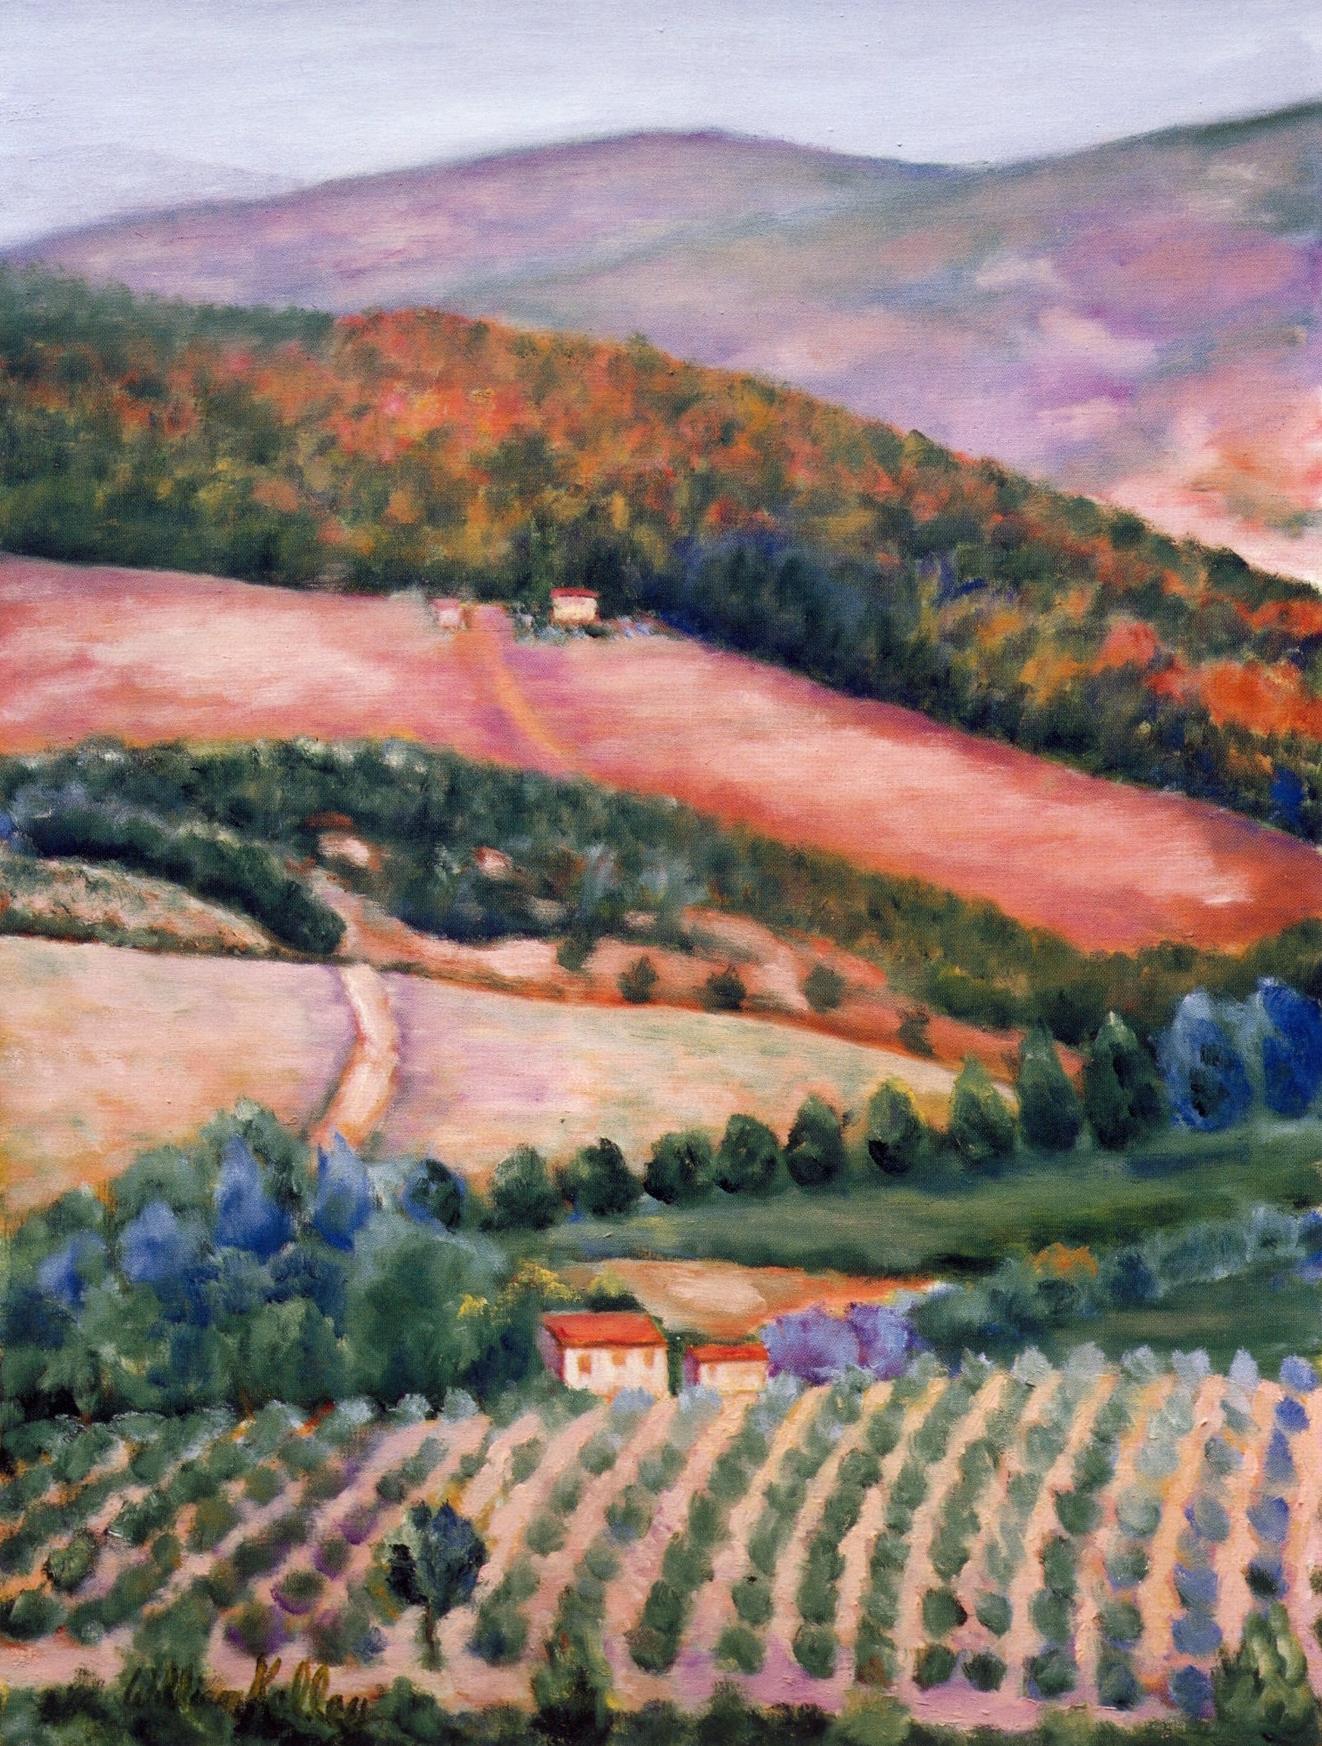 La Bella Vista, Chianti   Oil on canvas, 36'' x 48'', 2004